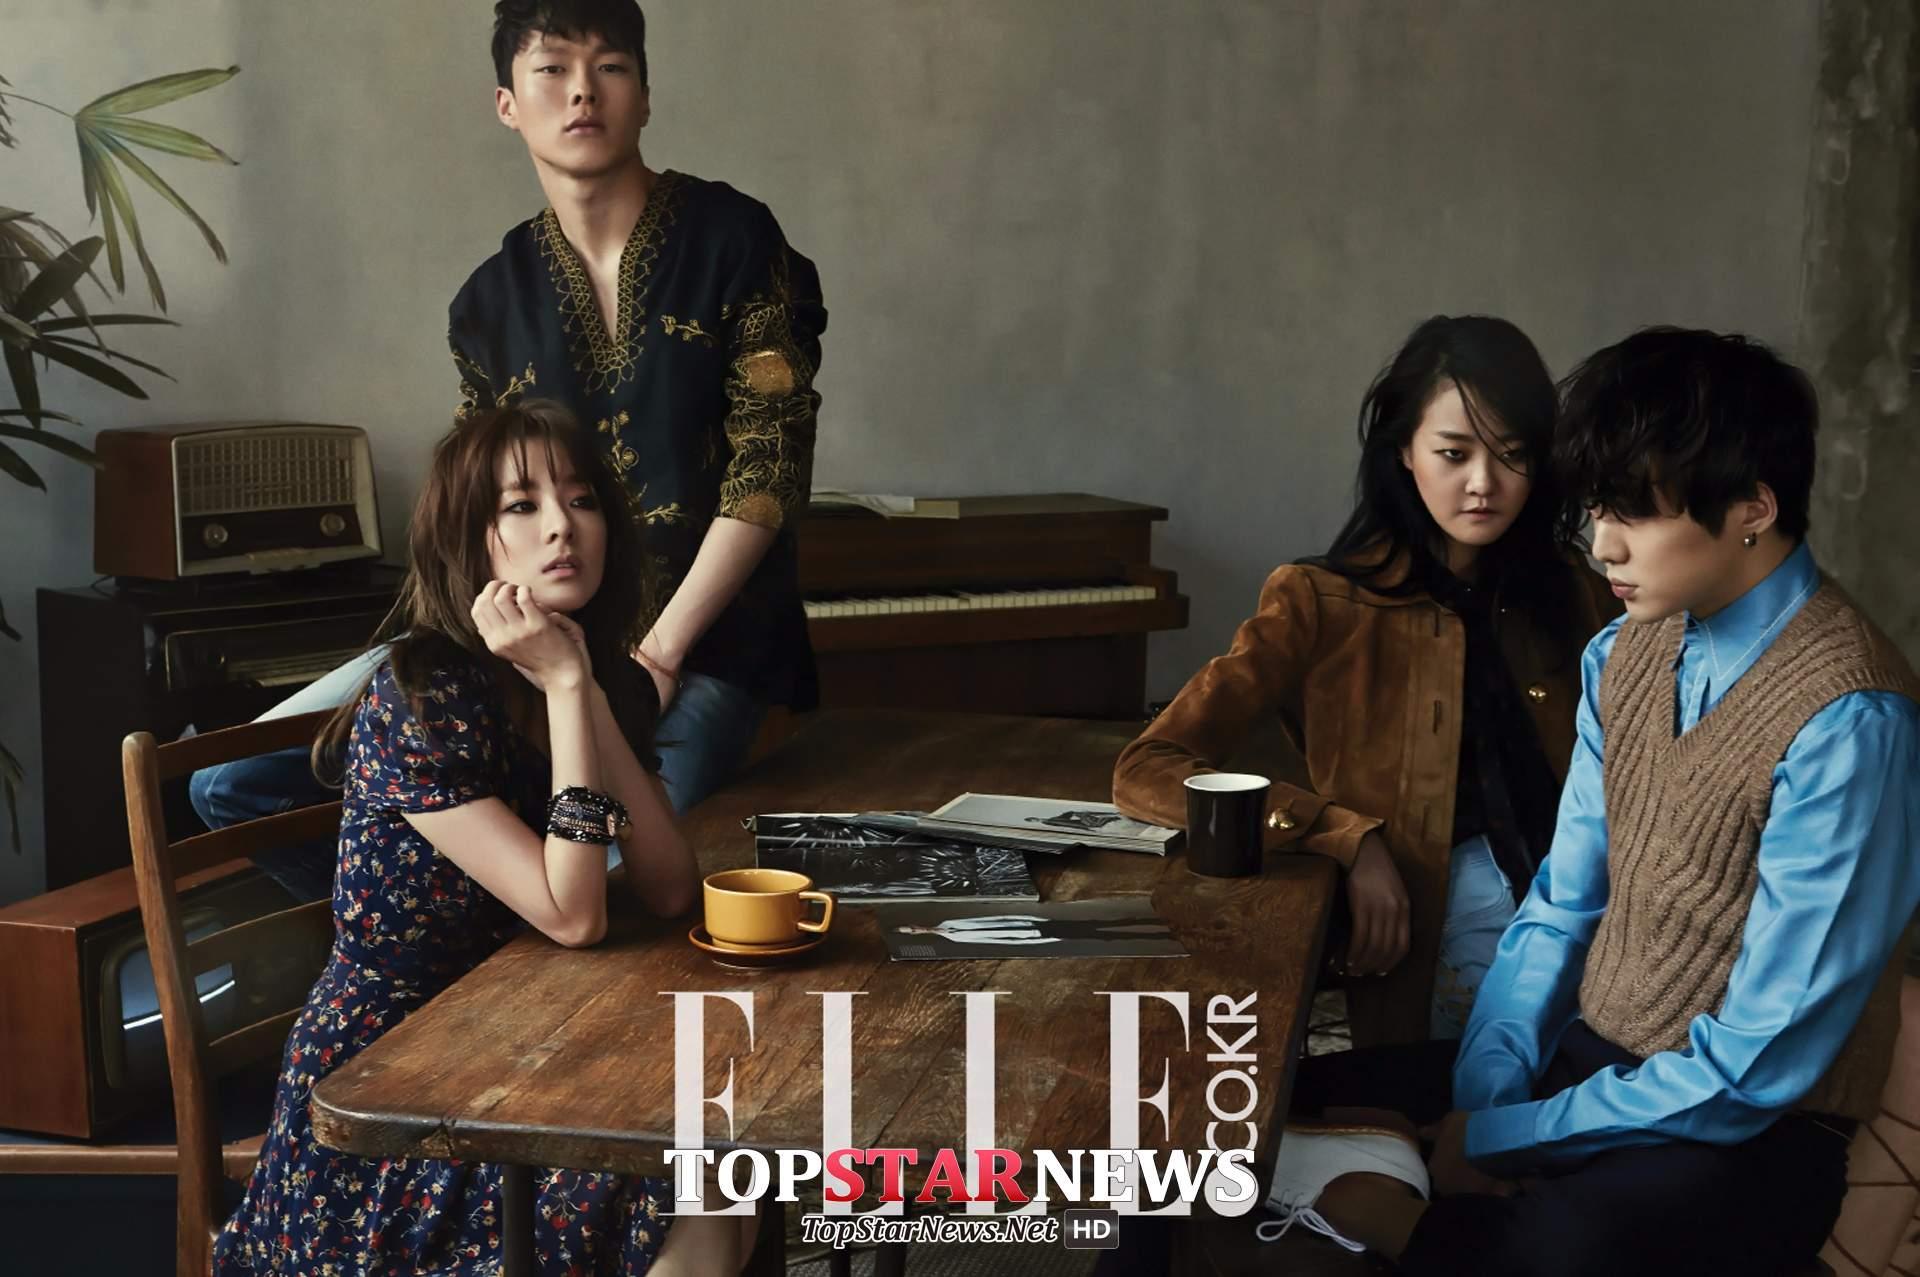 像是去年就跟YG旗下的演員群,Dara、姜勝允、姜承賢一起拍網路電視劇《我們分手了》,最後還一起登上《ELLE》雜誌,四人根本美得像幅畫!